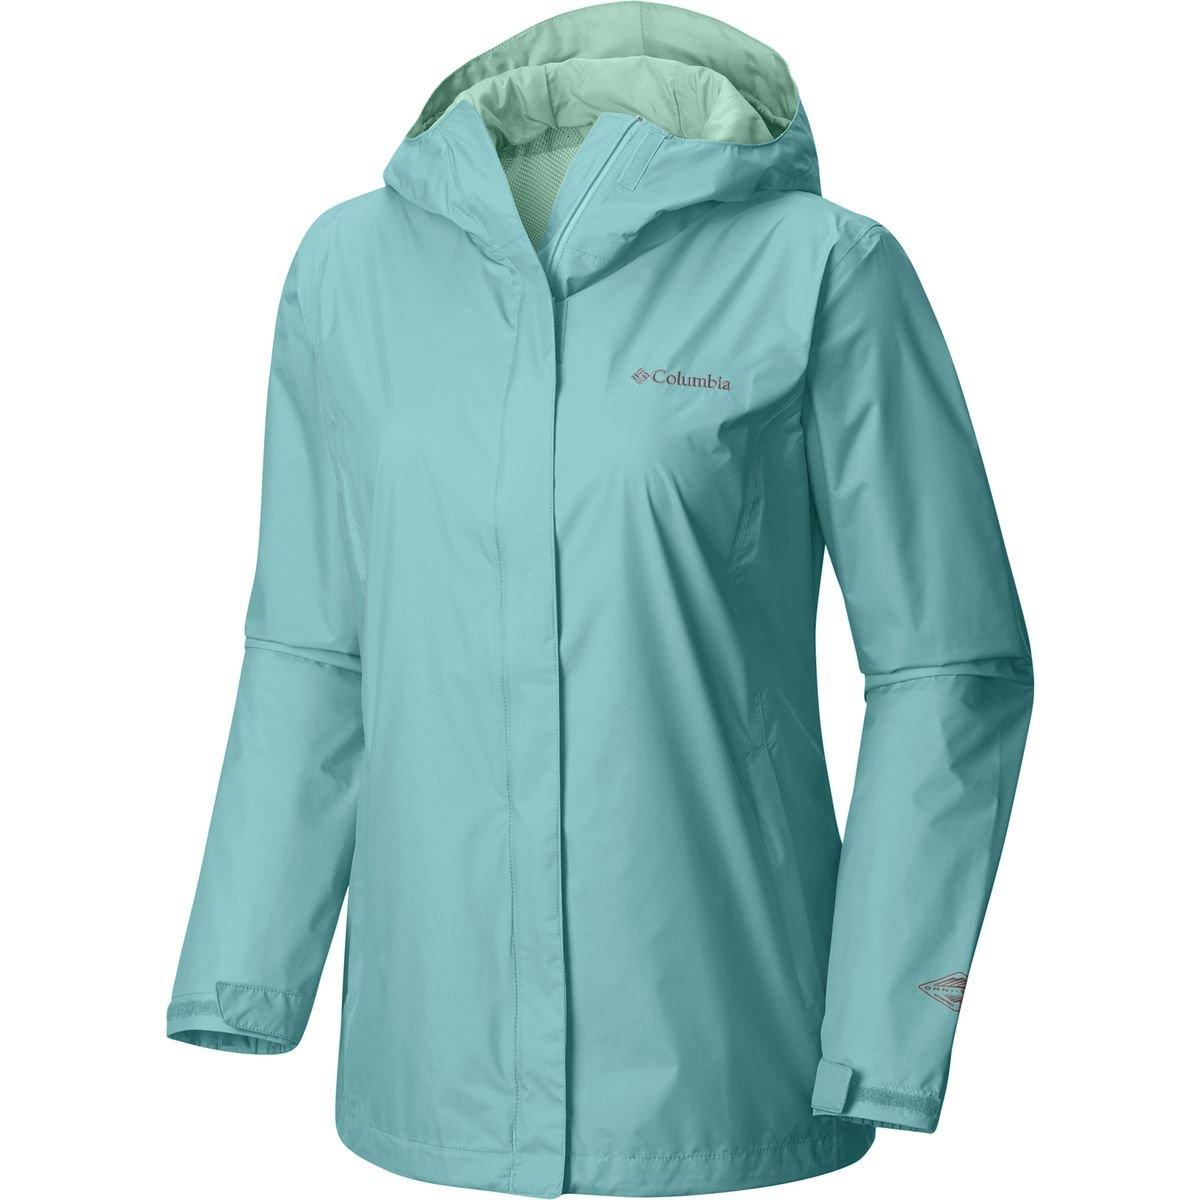 (コロンビア) Columbia Arcadia II Rain Jacket - Women'sレディース バックパック リュック Iceberg [並行輸入品] B079VNNMKN  XL